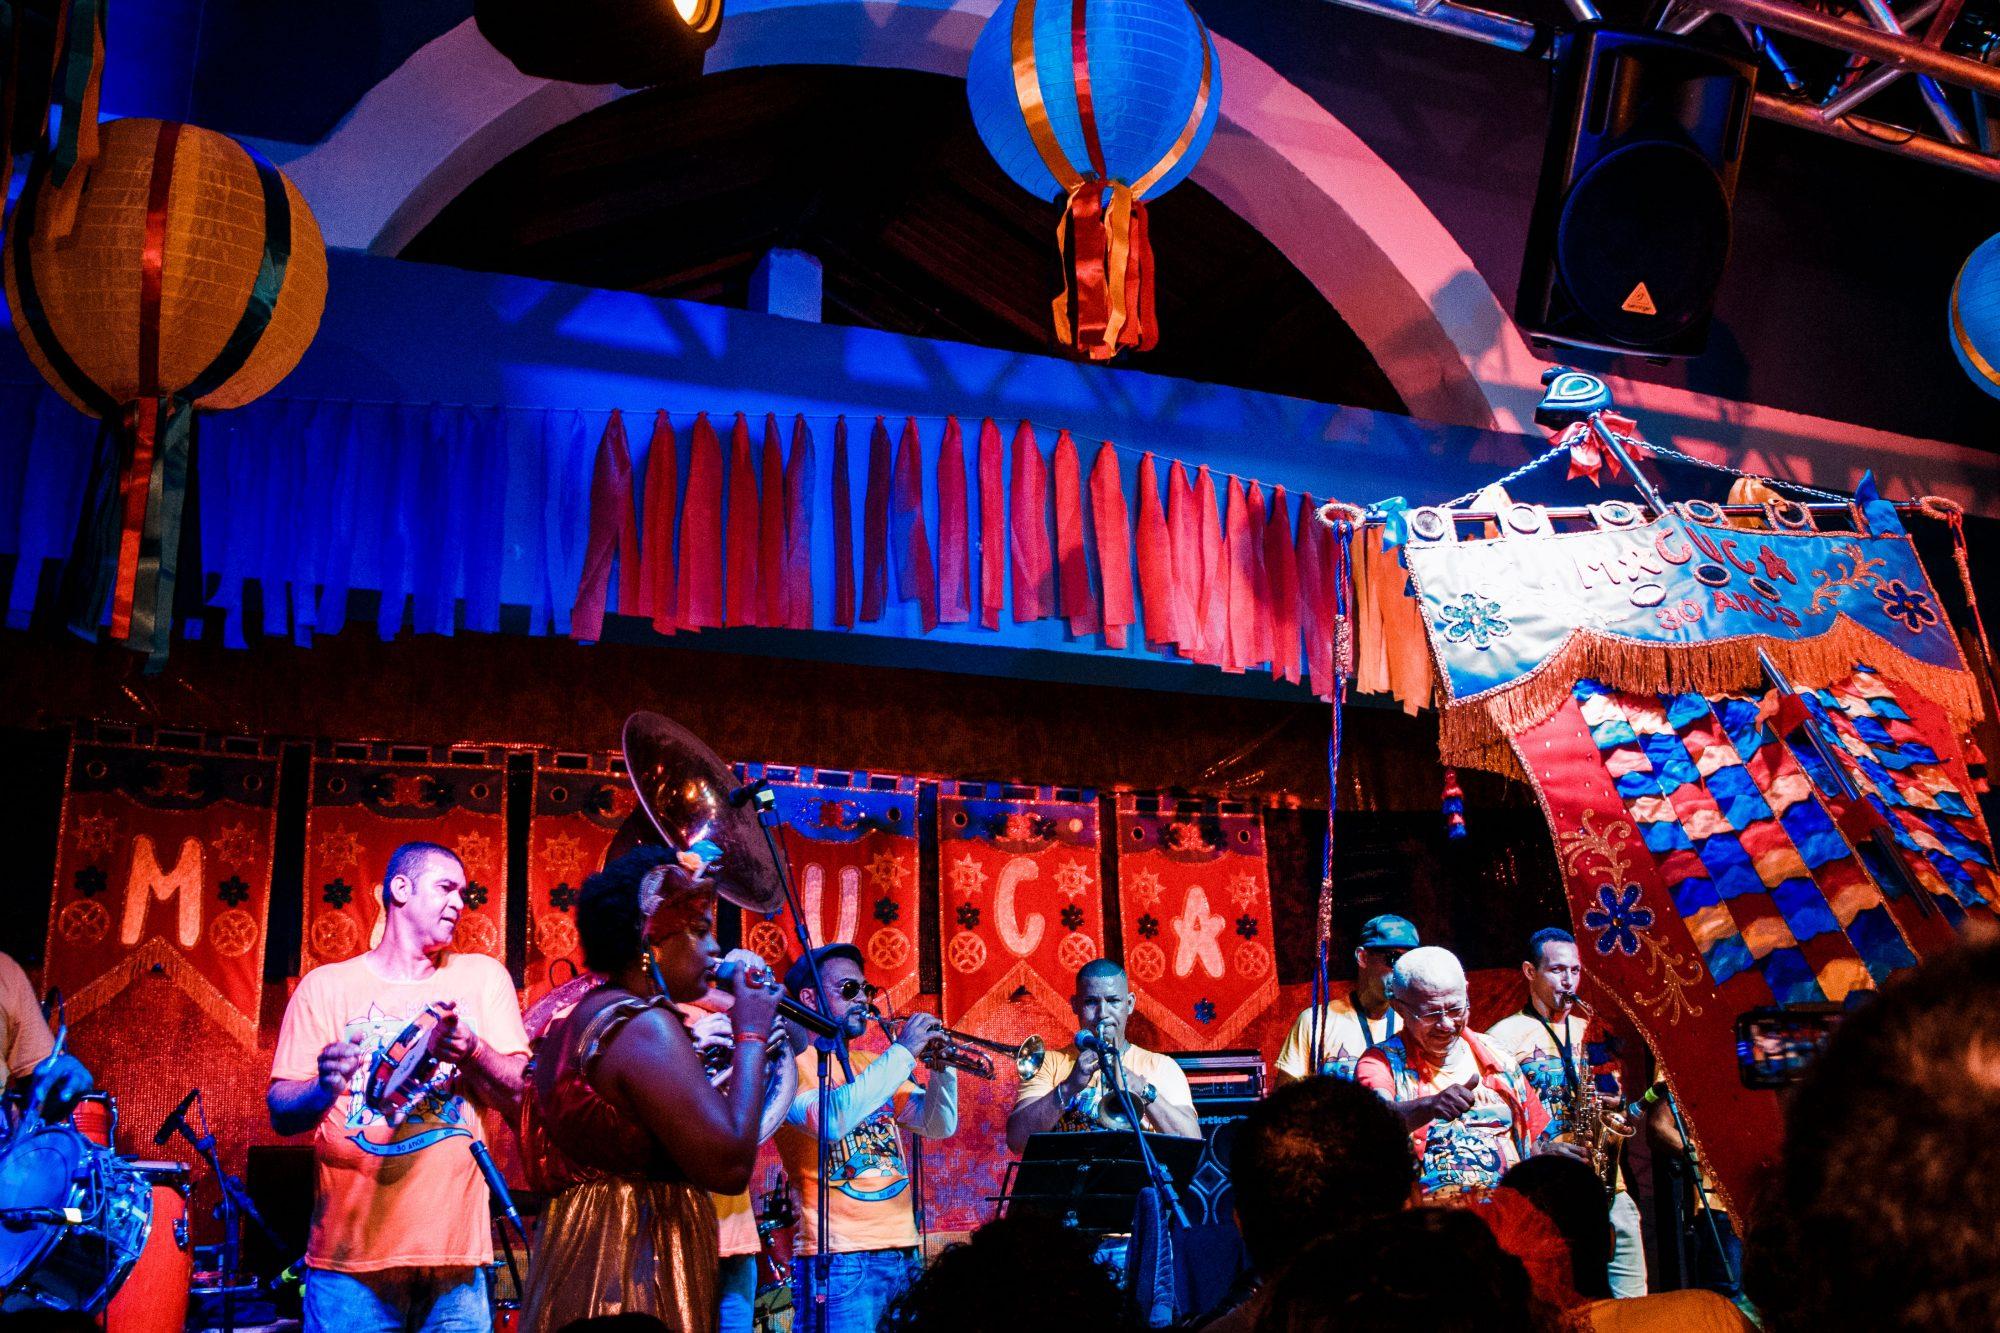 Baile da Macuca celebra sua 5ª edição no Carnaval 2020